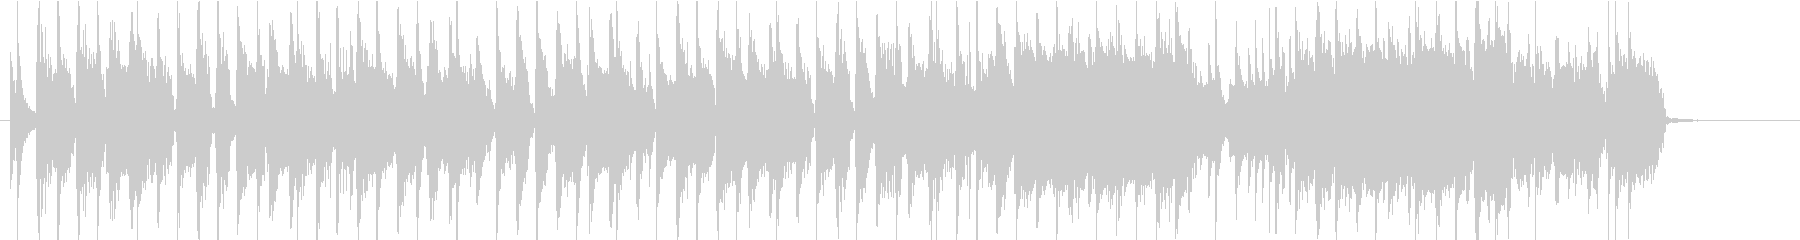 ノリノリなギターロック 30秒ジングルの未再生の波形